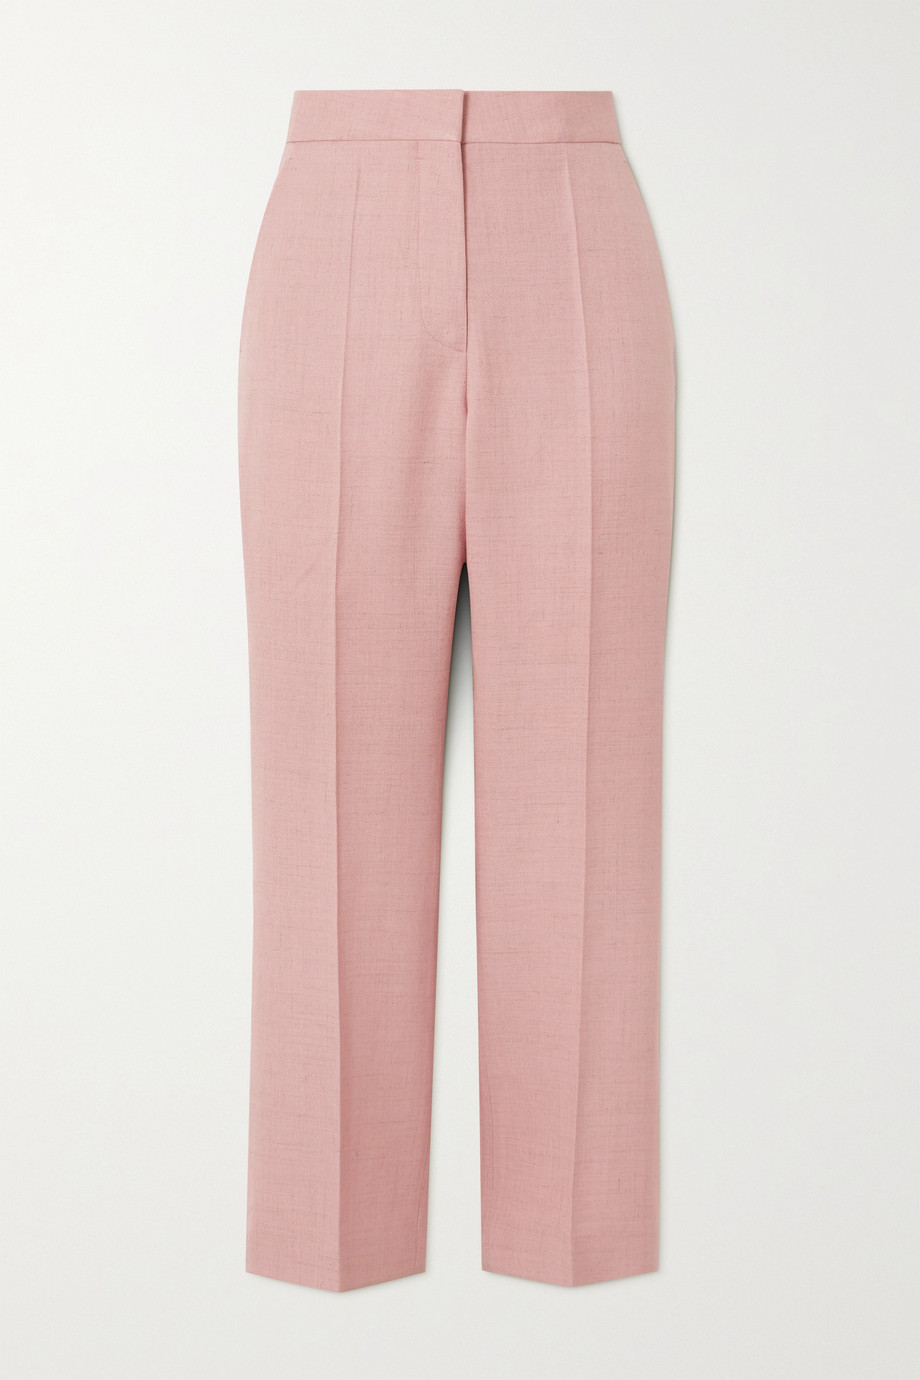 Stella McCartney Pantalon droit raccourci tissé Carlie